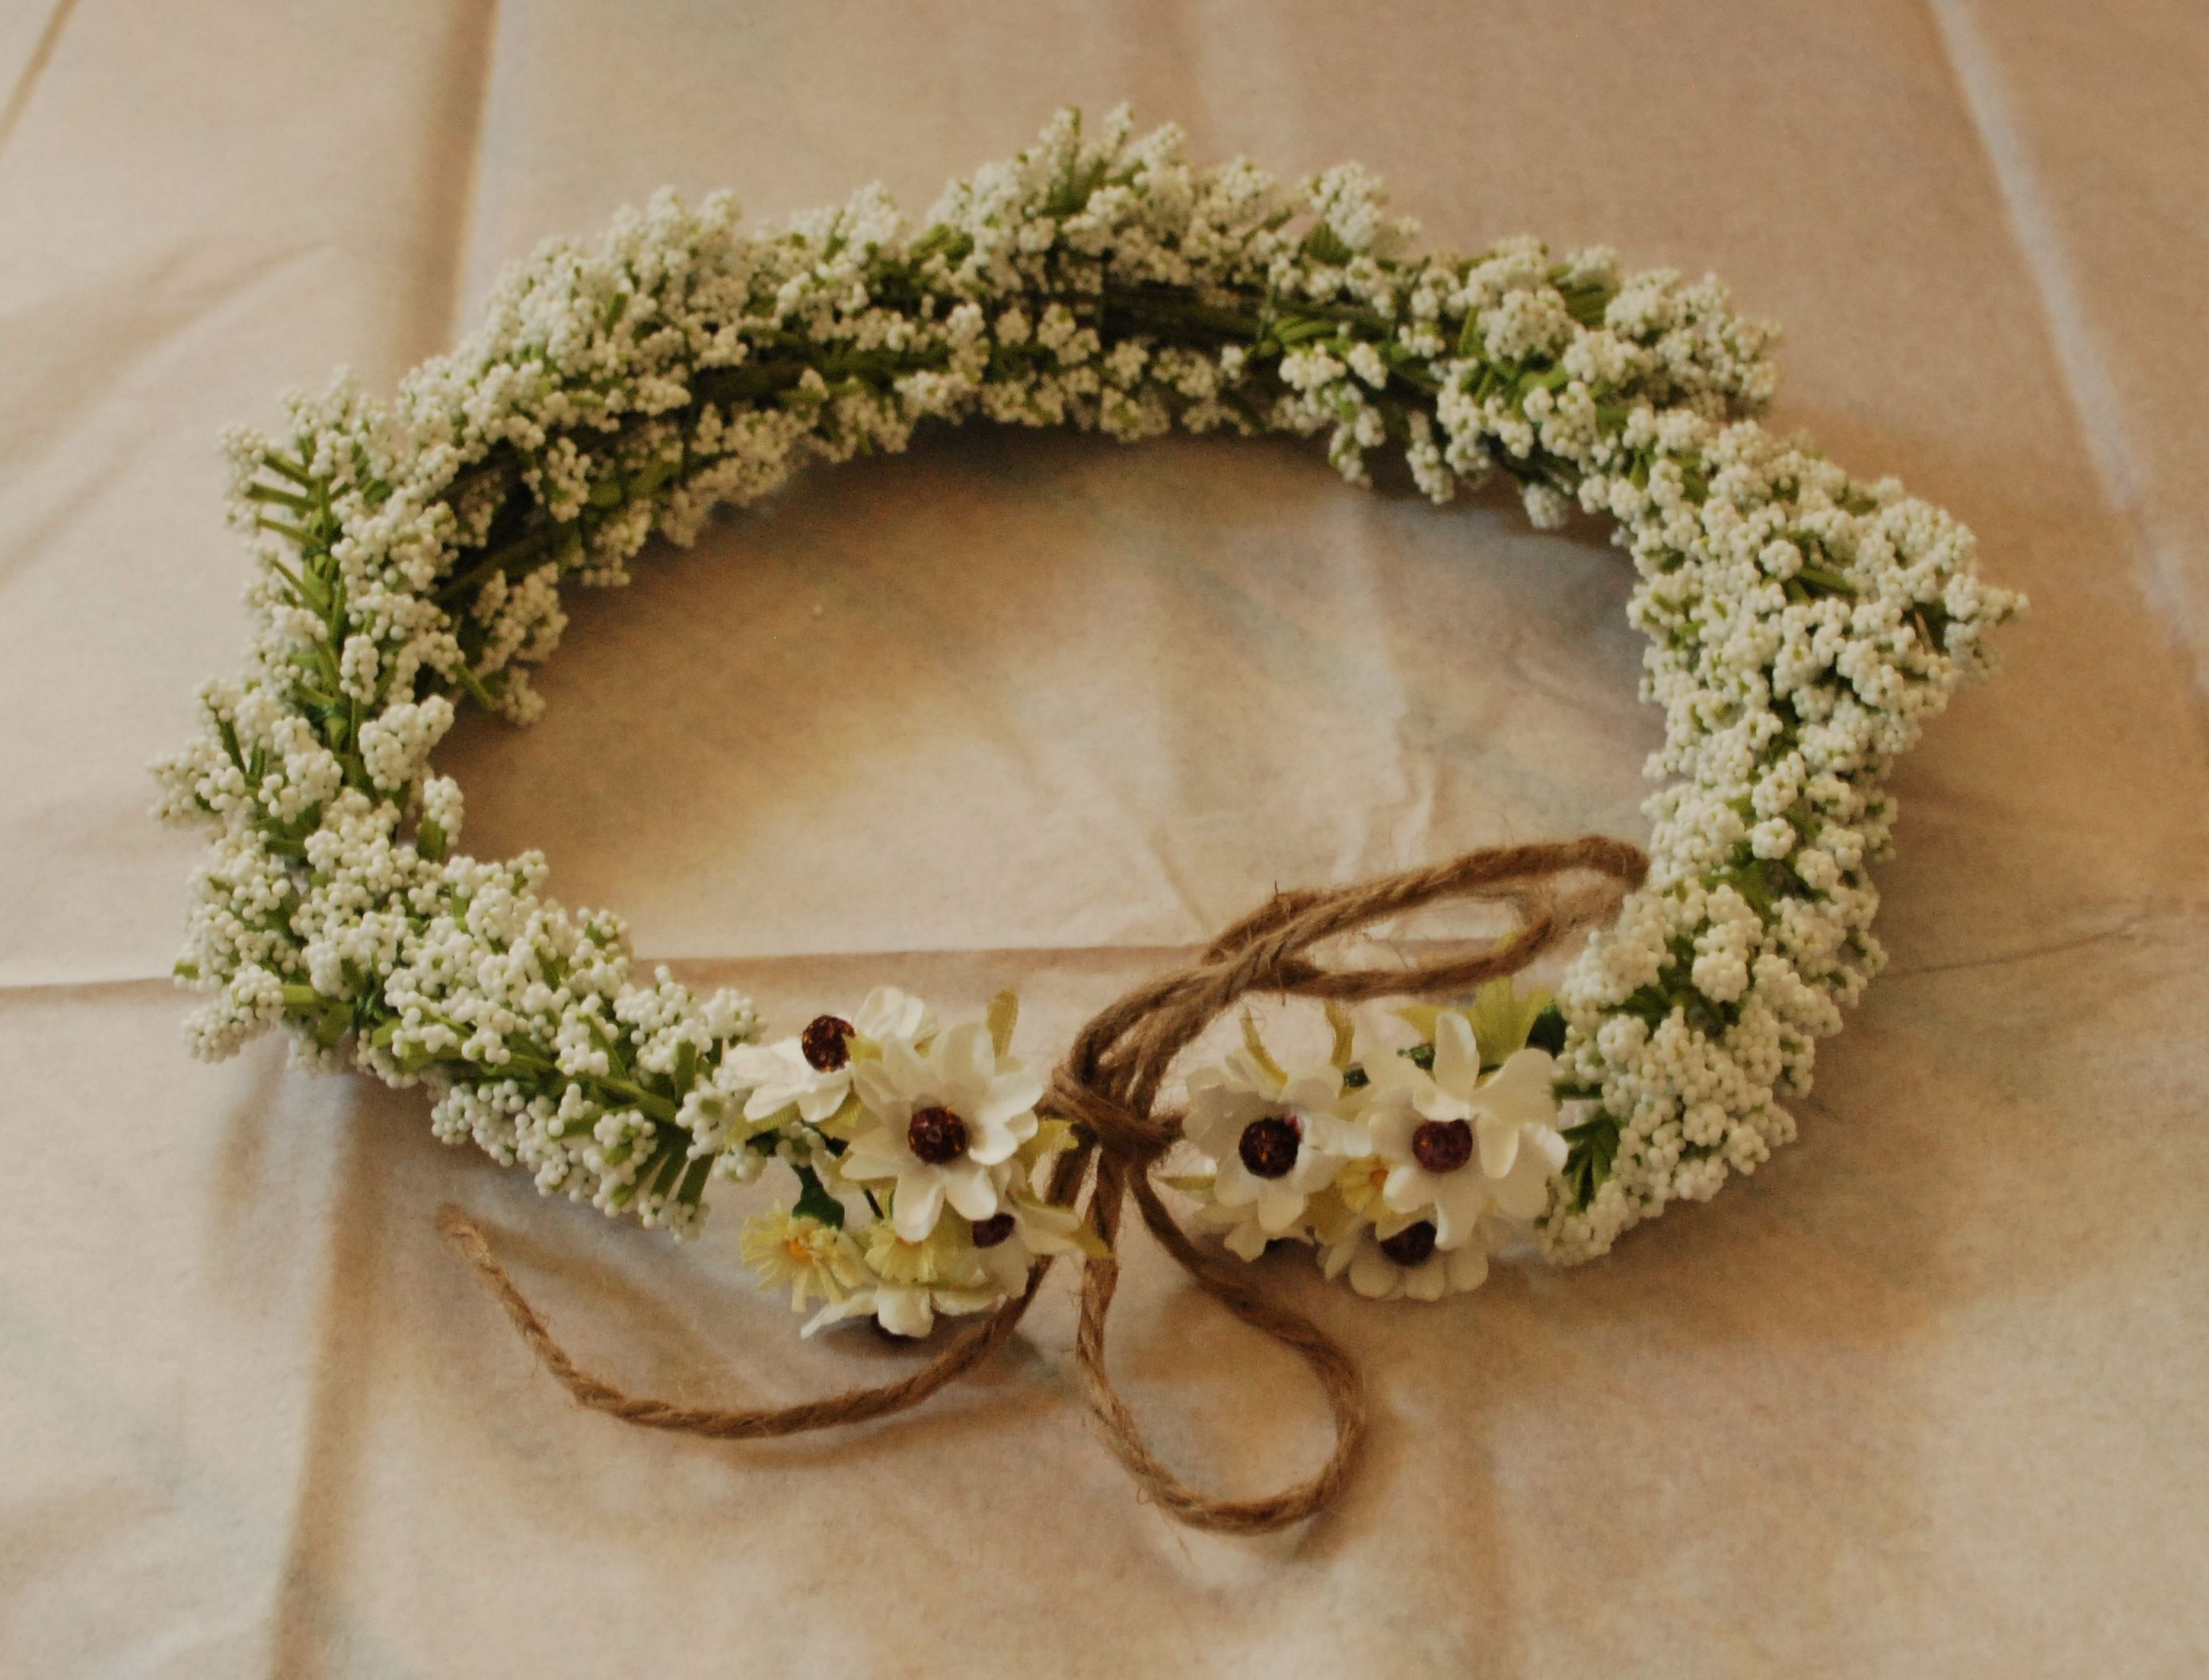 Corona de pajes boda rustica boho chic corona de - Coronitas de flores ...